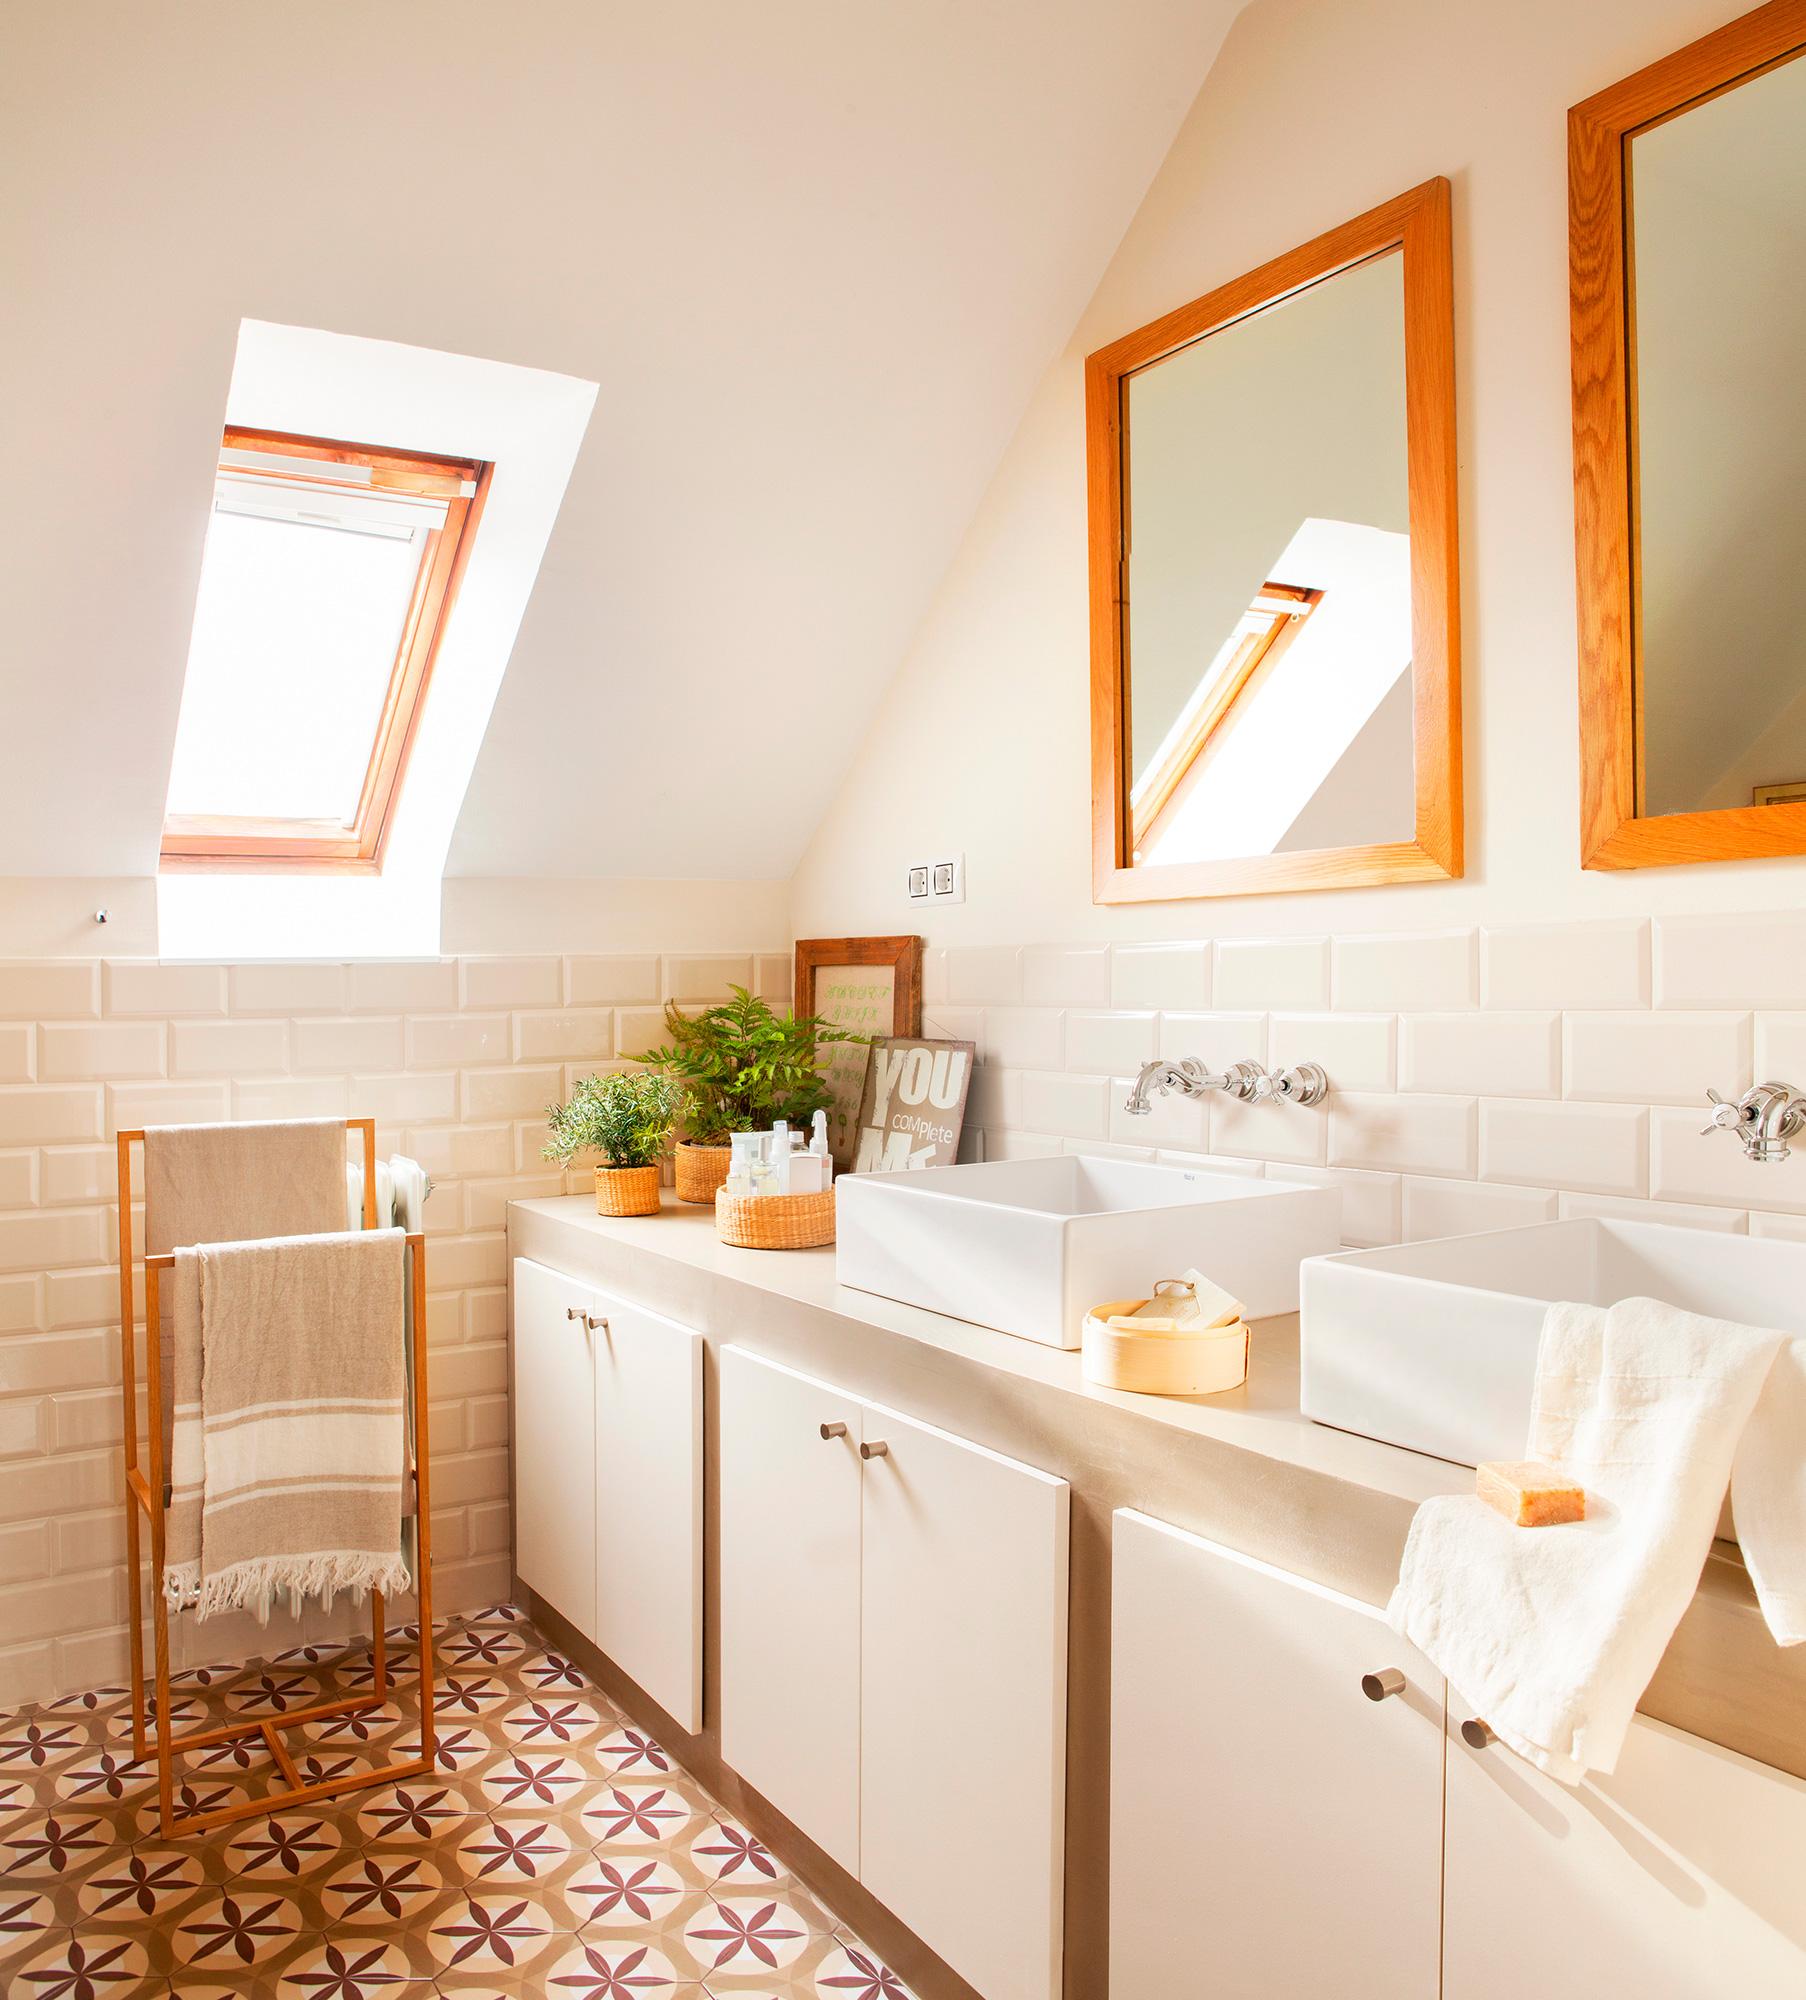 Armarios De Baño Roca:Mueble de baño entero con armarios, lavamanos de Roca, grifería